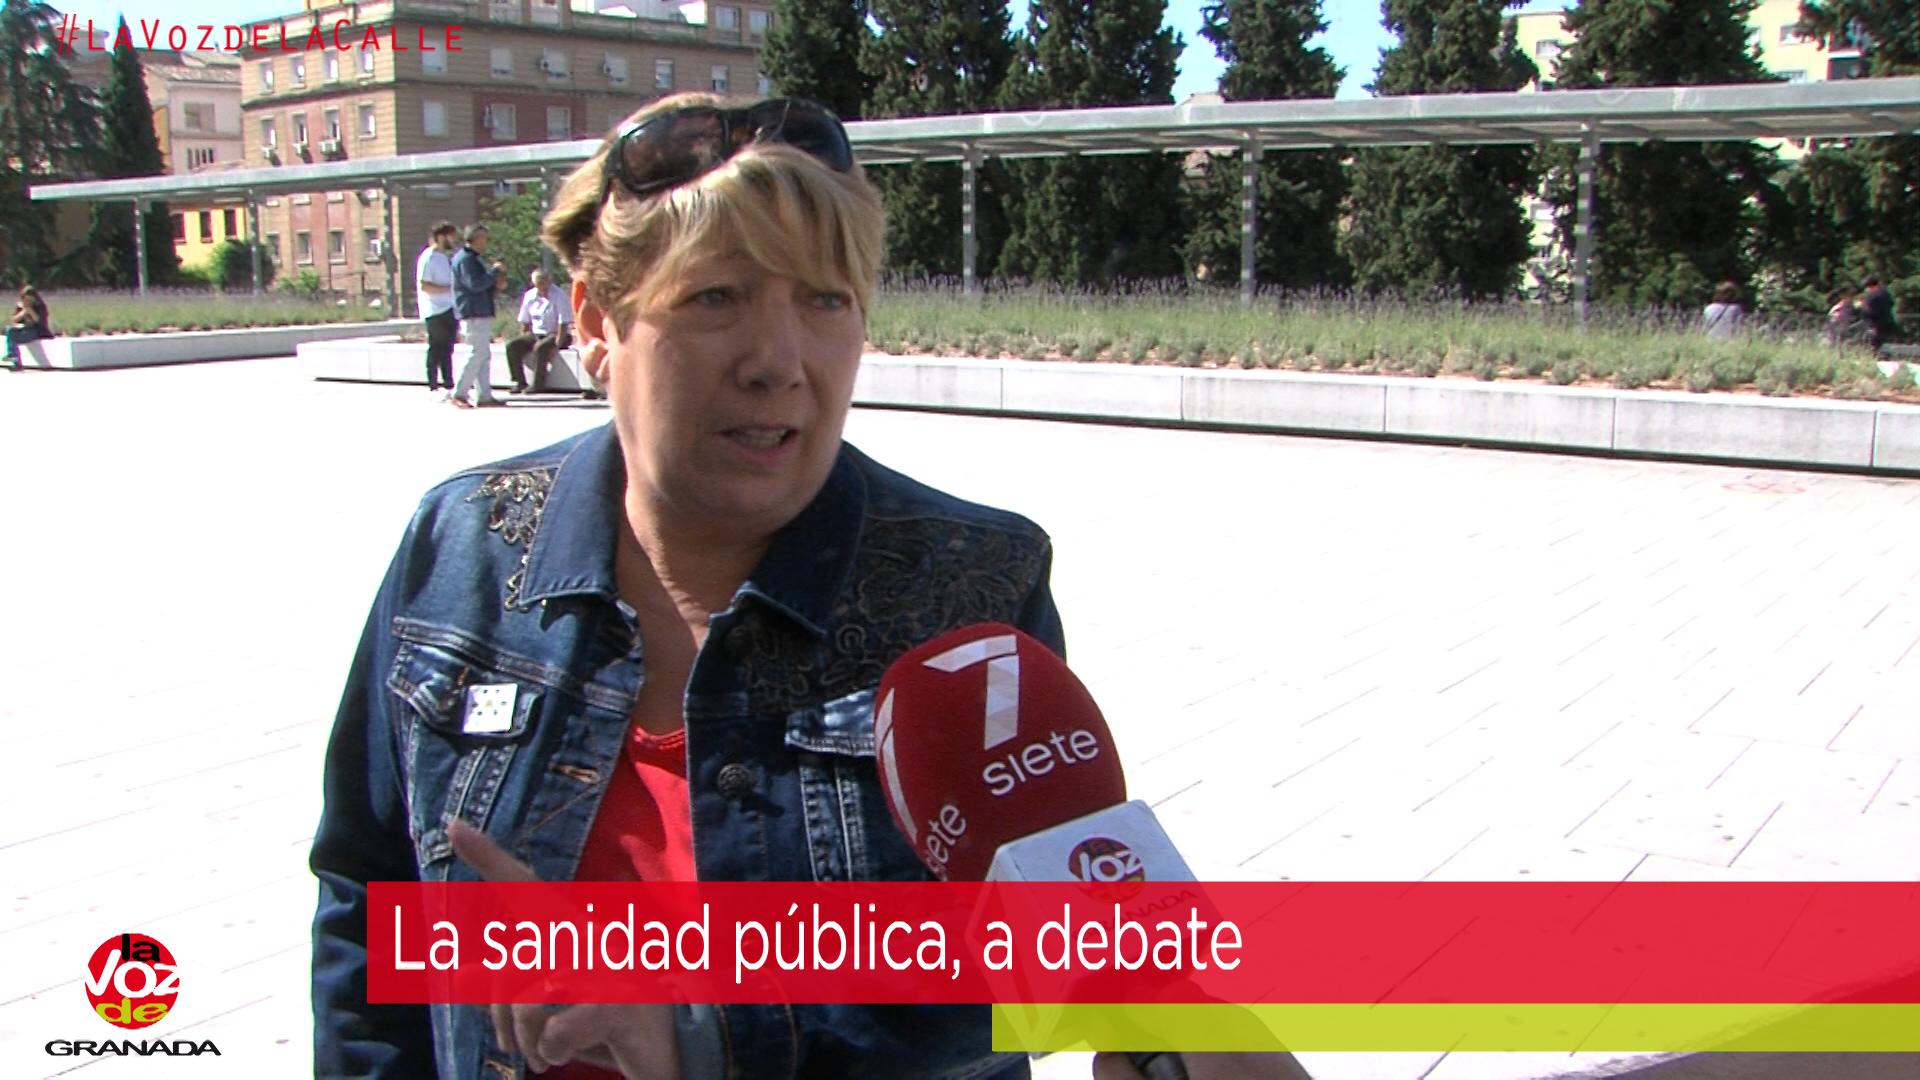 #LaVozdelaCalle: ¿Ha mejorado la sanidad pública con los planes de choque de la Junta?